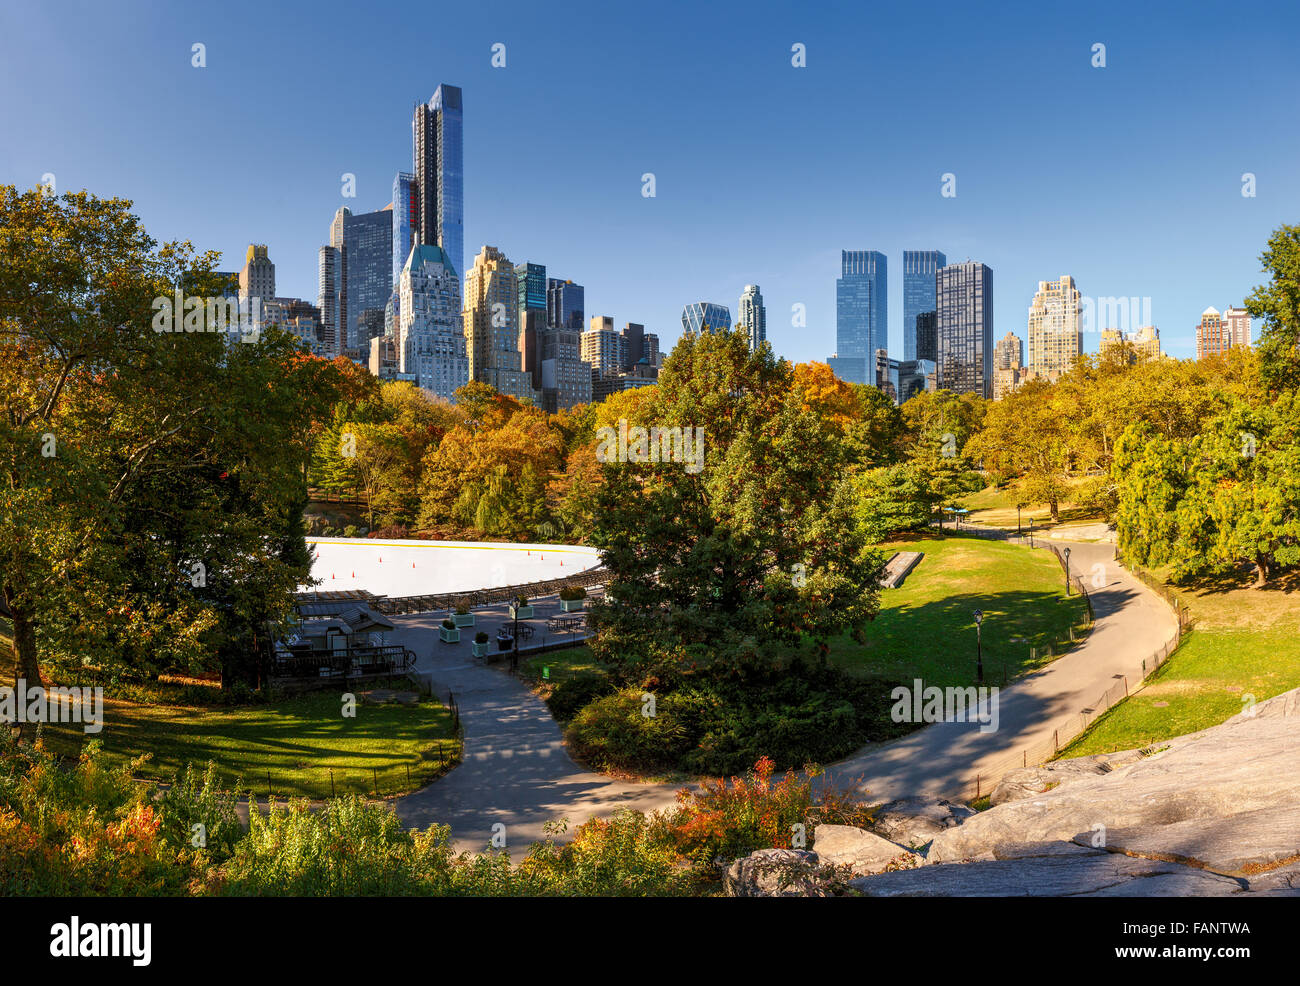 Automne dans Central Park Wollman Rink: et grattes-ciel de Manhattan. Cityscape automne sur Central Park South, Photo Stock